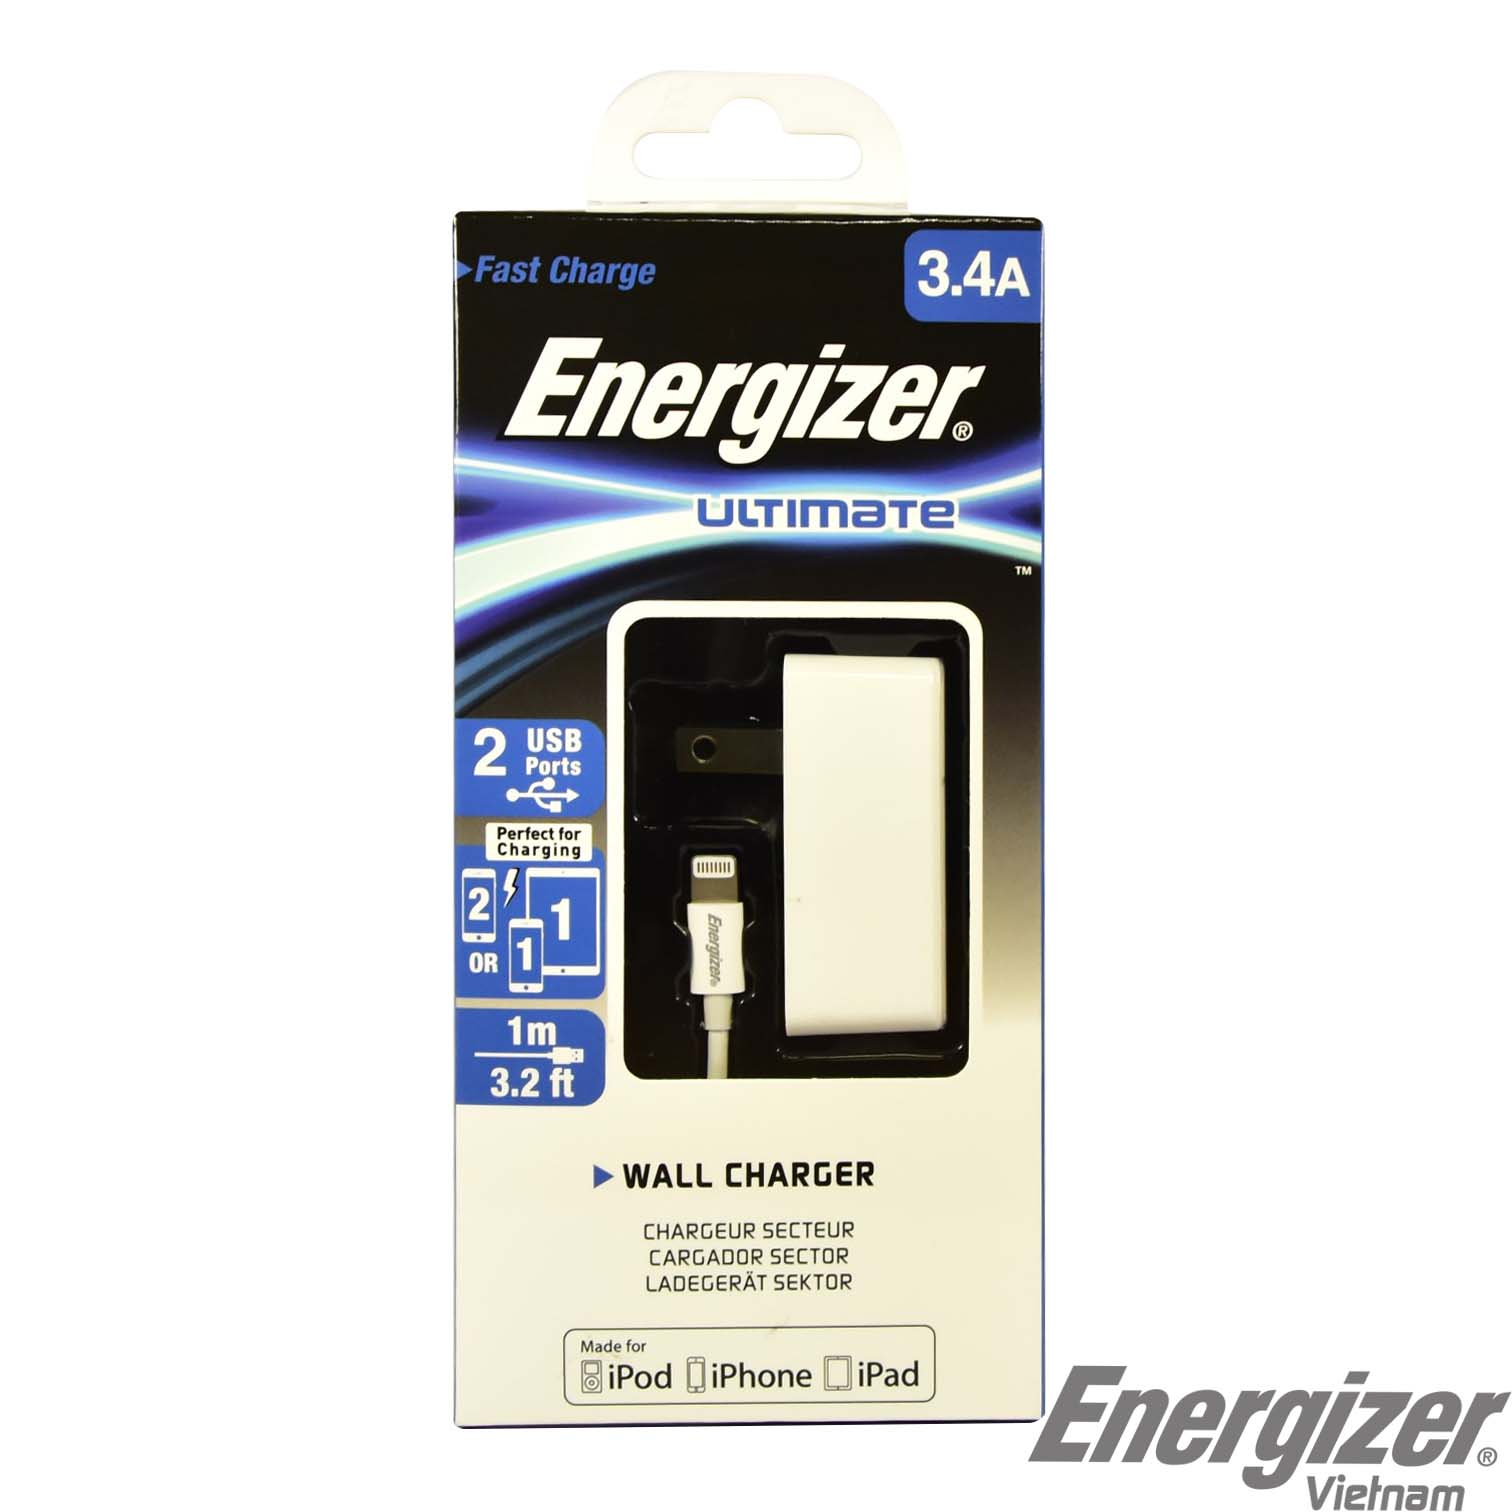 Sạc Energizer Wall 3.4A (kèm cable Lightning): 2 cổng tiện ích, sạc nhanh hình 1